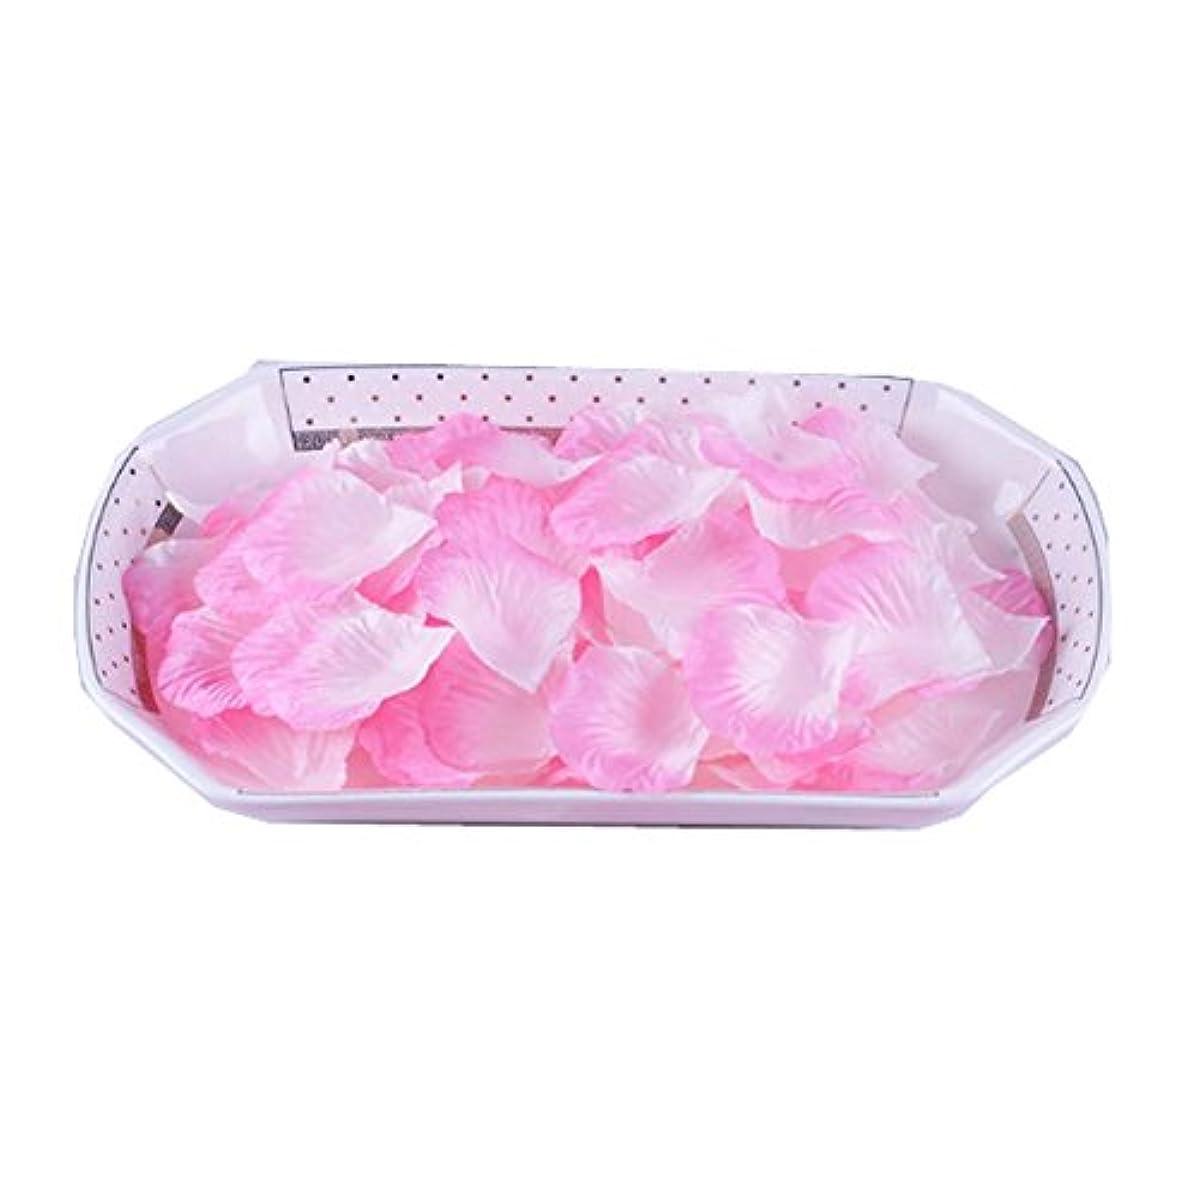 大事にする差し控えるポーク人工花びらの偽の花びら3000結婚式のセット